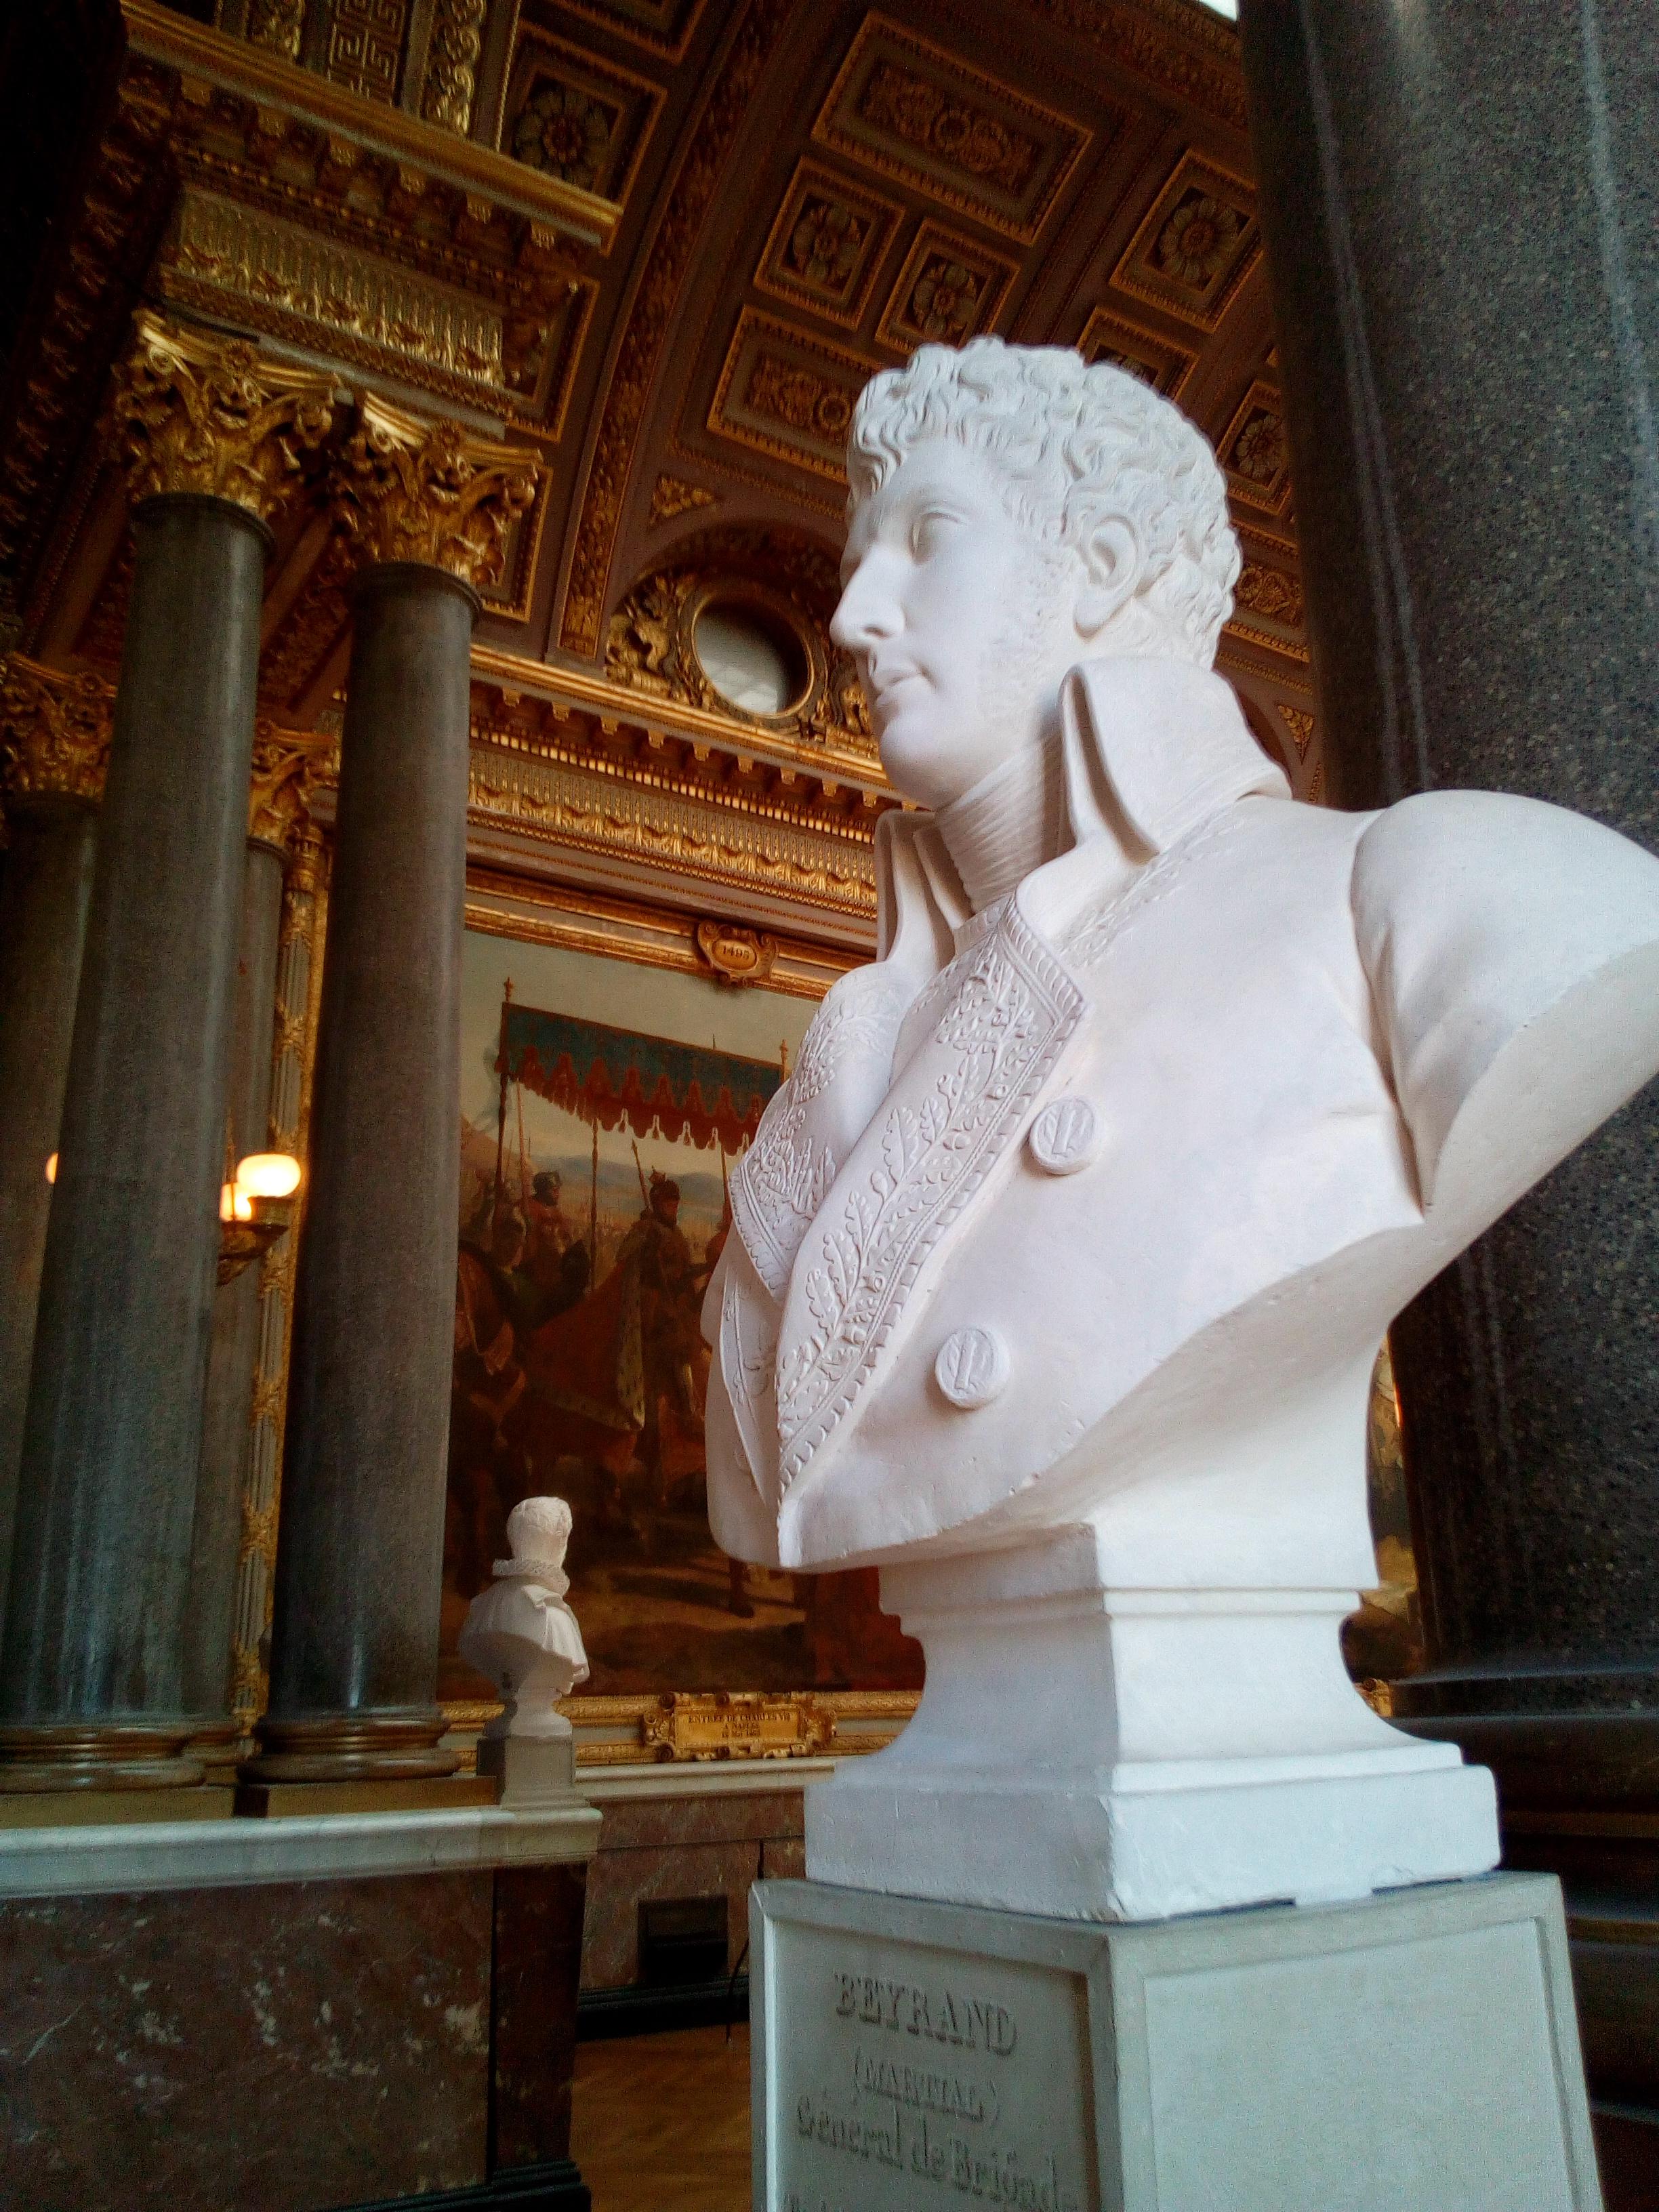 Galerie des Batailles du château de Versailles, buste de Martial Beyrand